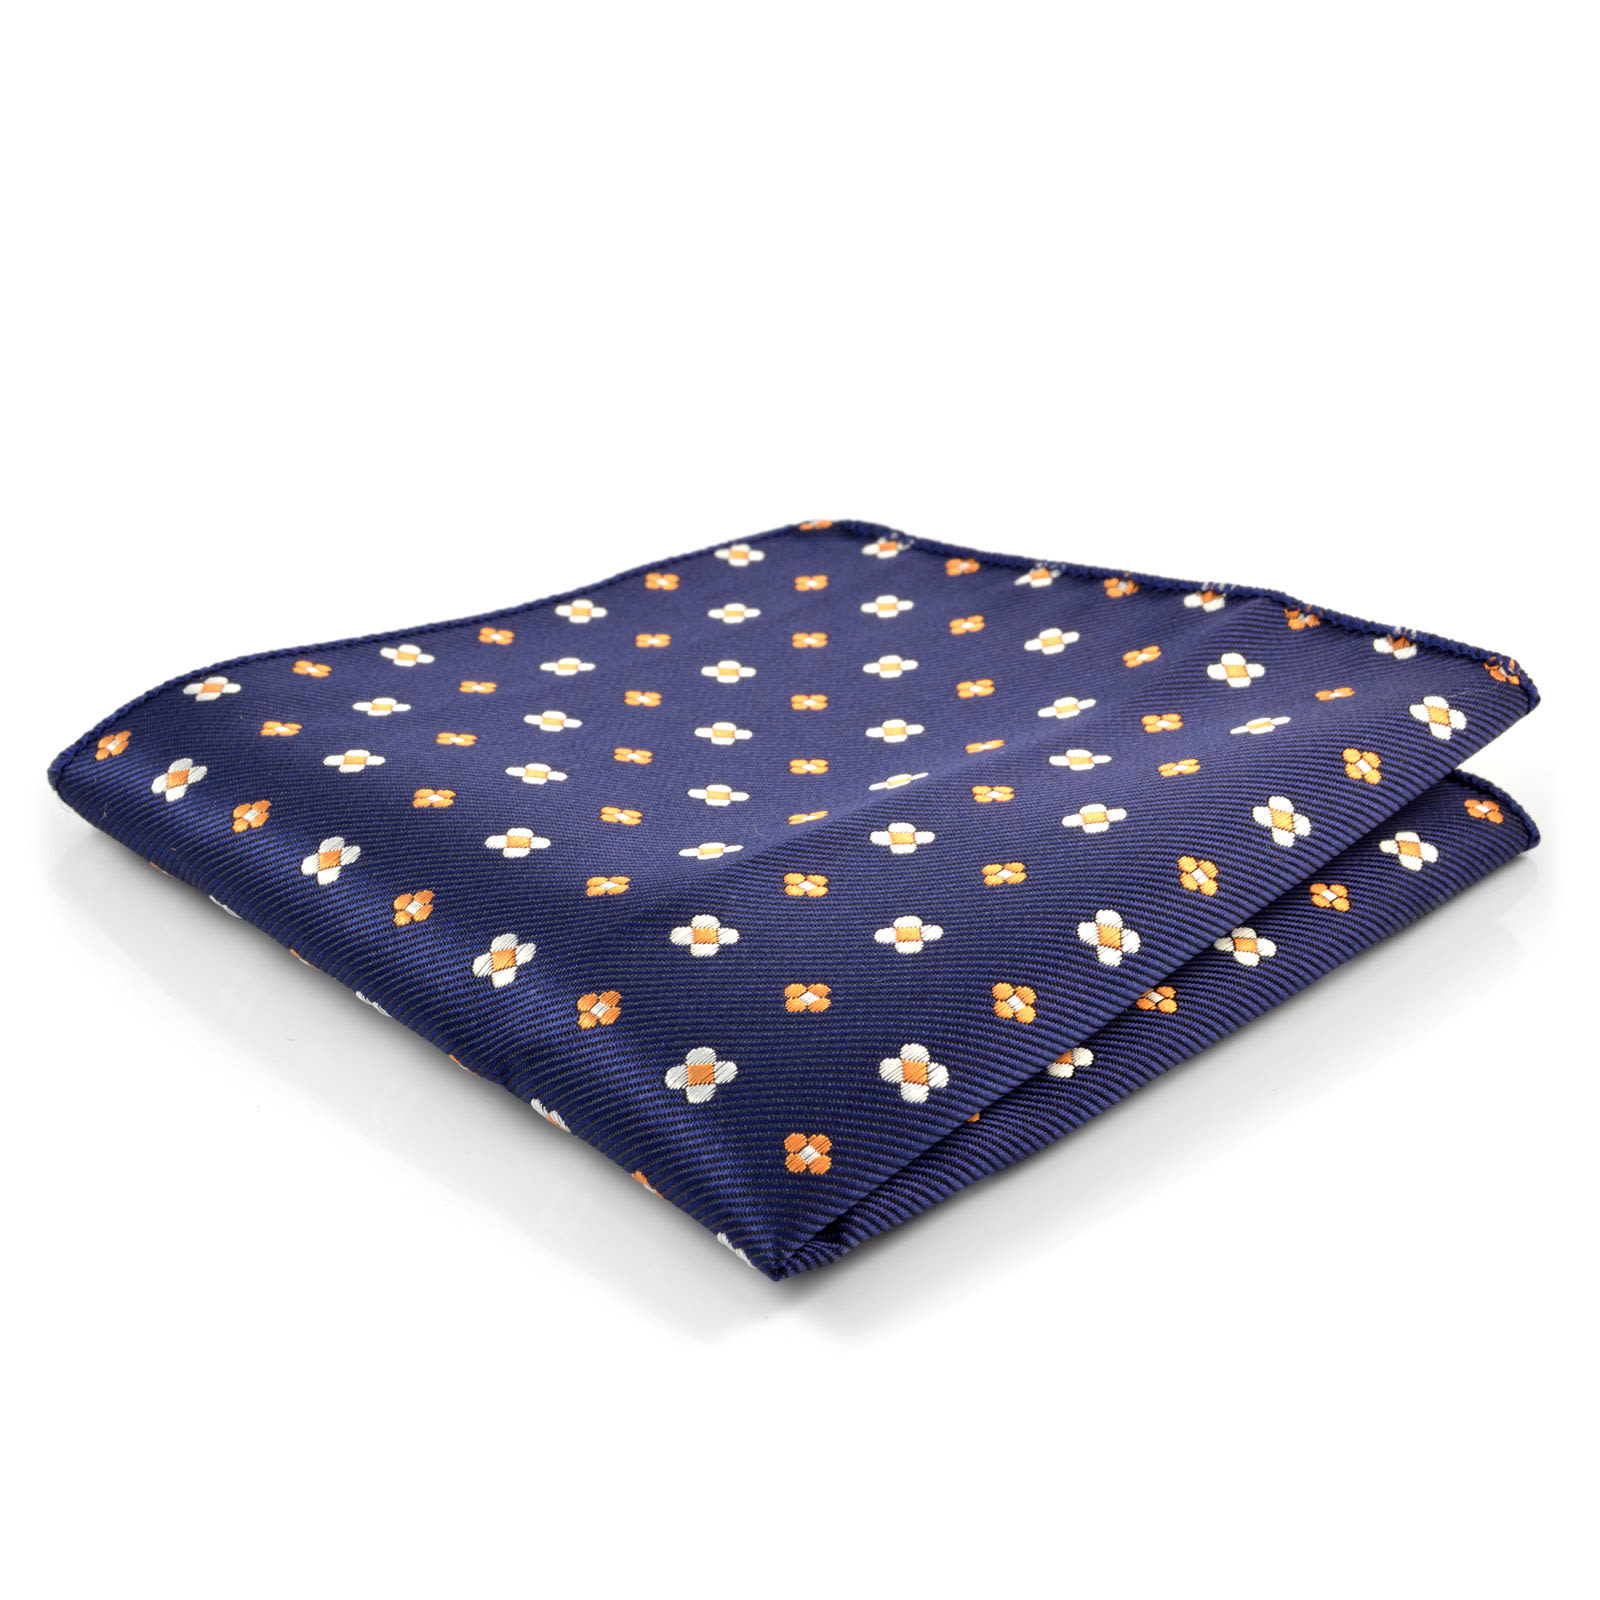 53883d7b5d Kék színű díszzsebkendő | Tailor Toki | Készleten!